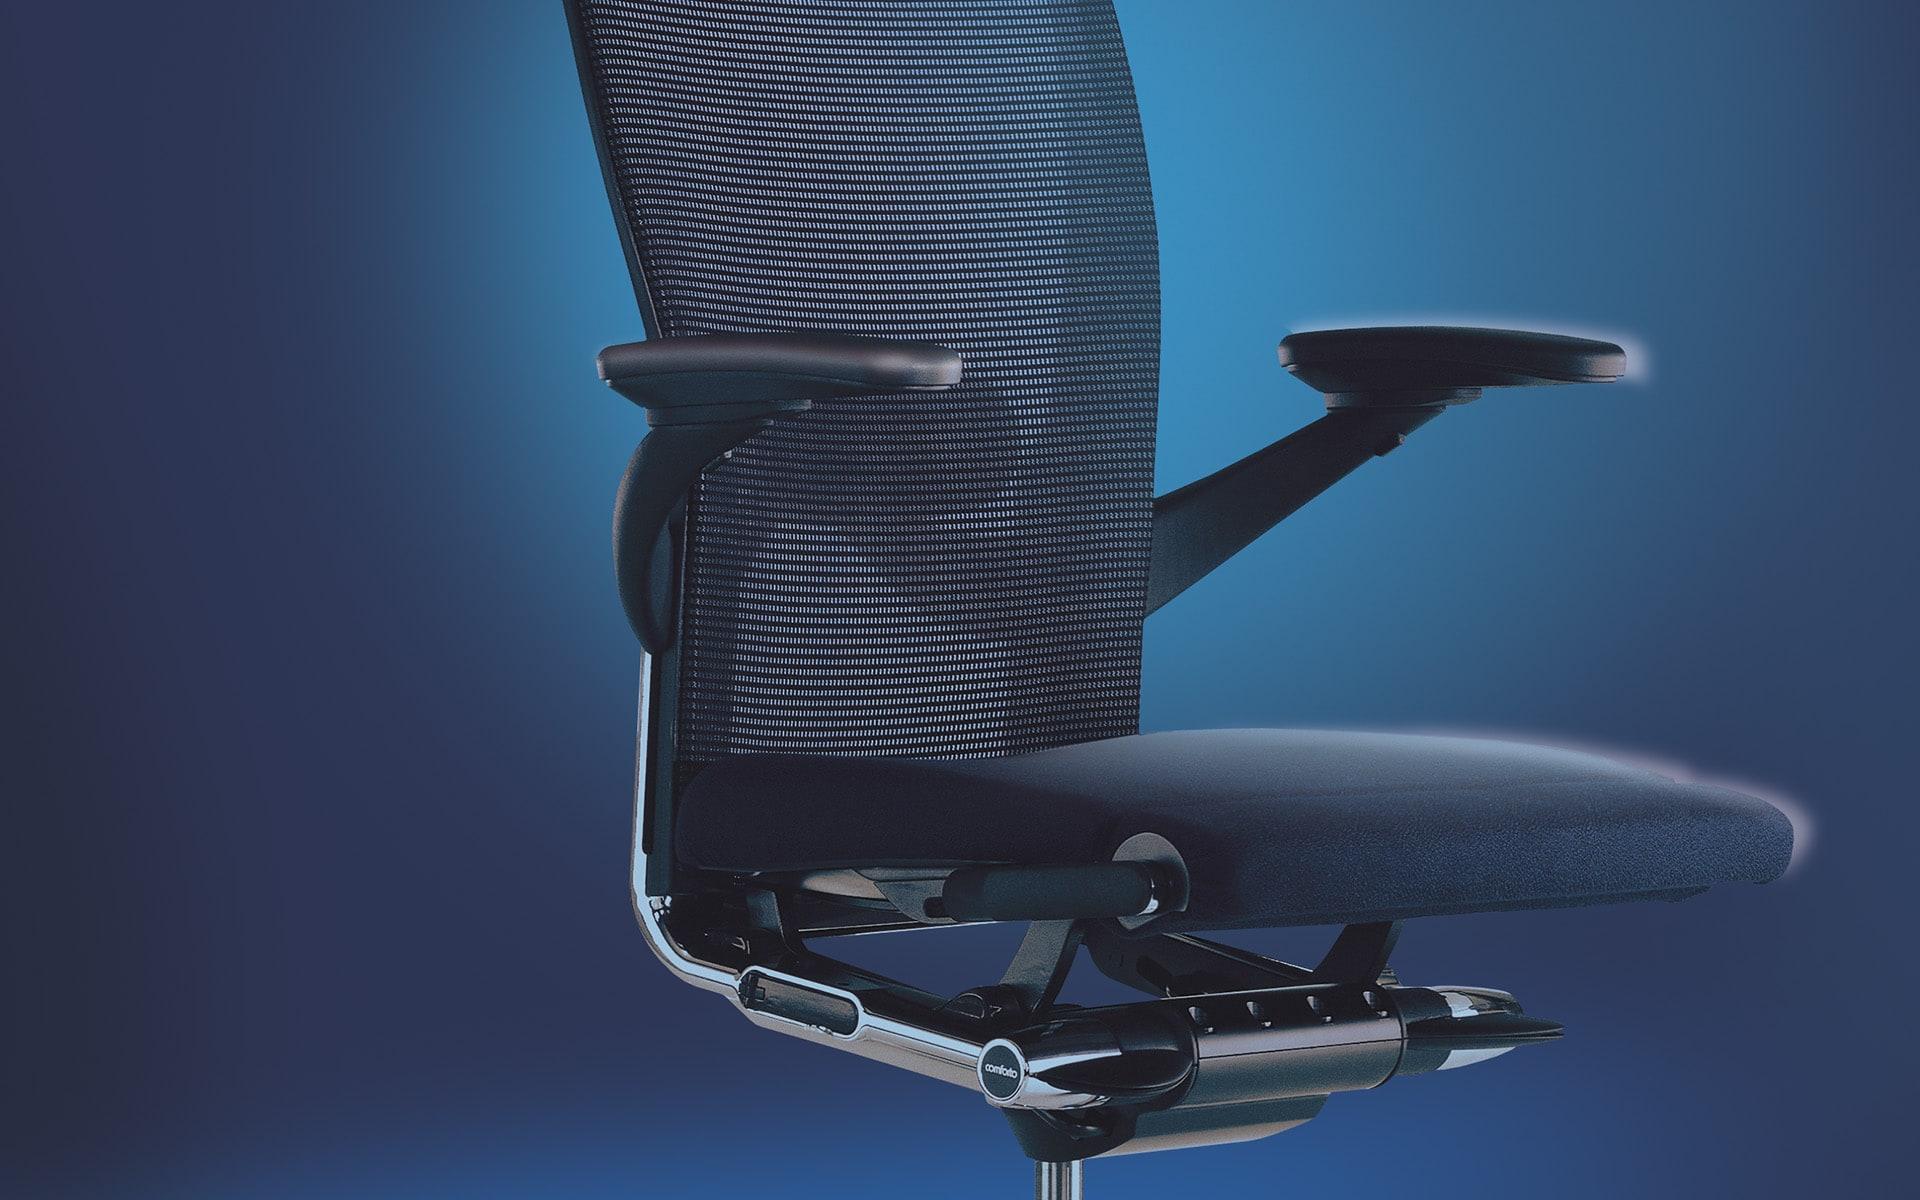 Schwarzer Haworth X99 Drehstuhl von ITO Design vor blauem Hintergrund